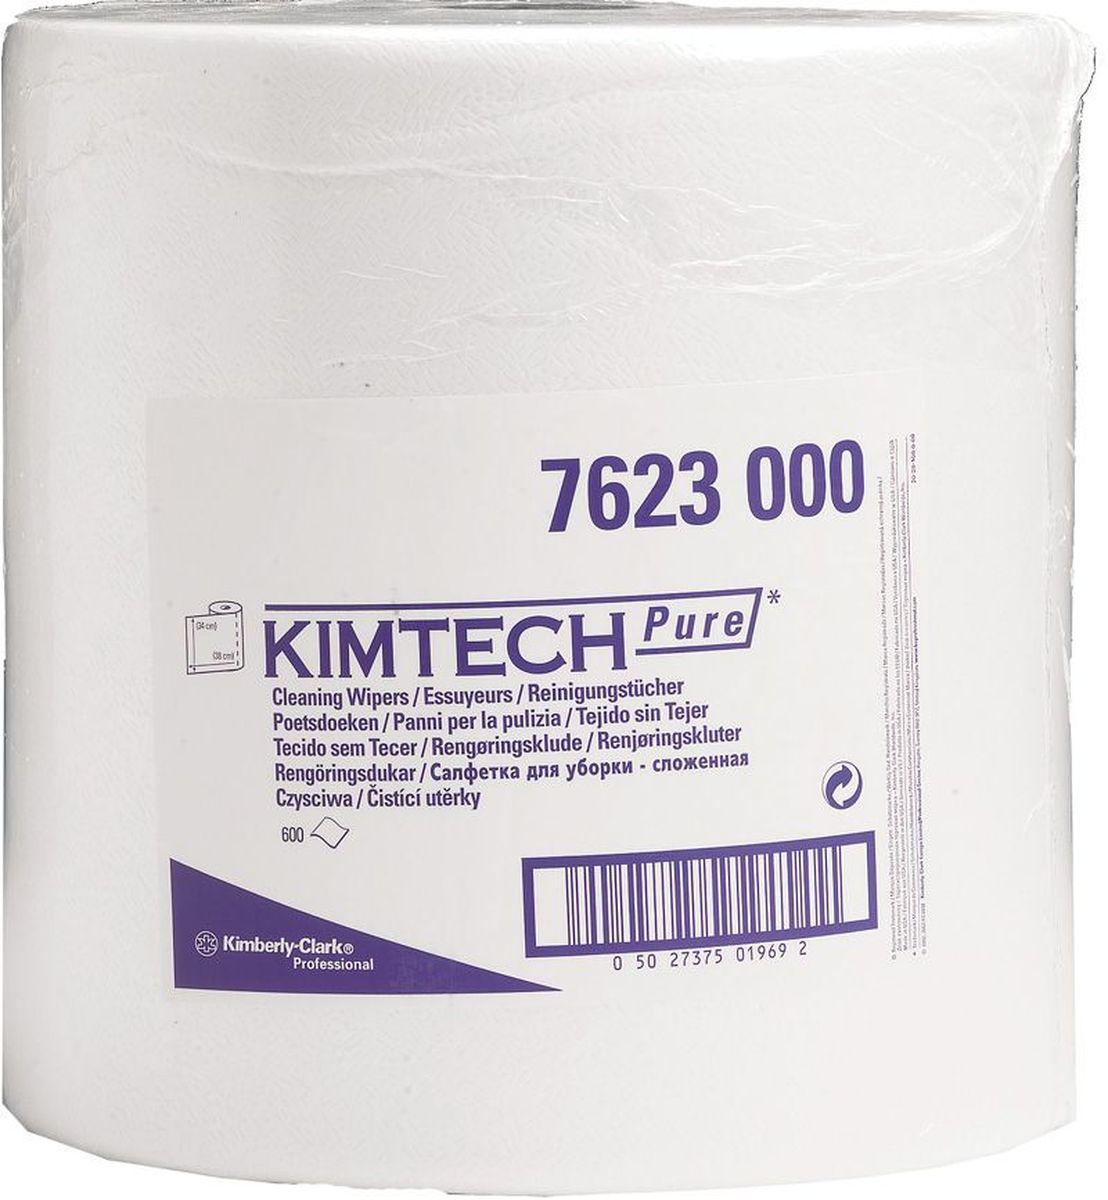 Полотенца бумажные Kimtech Pure, 600 листов. 762319201Бумажные полотенца Kimtech Pure - это идеальное решение для сухой очистки оборудования высокой степени важности и поверхностей в фармацевтической промышленности, в высокотехнологичных биотехнологических отраслях, при производстве медицинского оборудования, а также очистки на участках пищевой промышленности. Полотенца Kimtech Pure могут использоваться с переносными или стационарными диспенсерами для контроля расхода продукта и уменьшения объема отходов. Изделия идеально подходят для использования в чистых помещениях класса ISO 4 и выше.